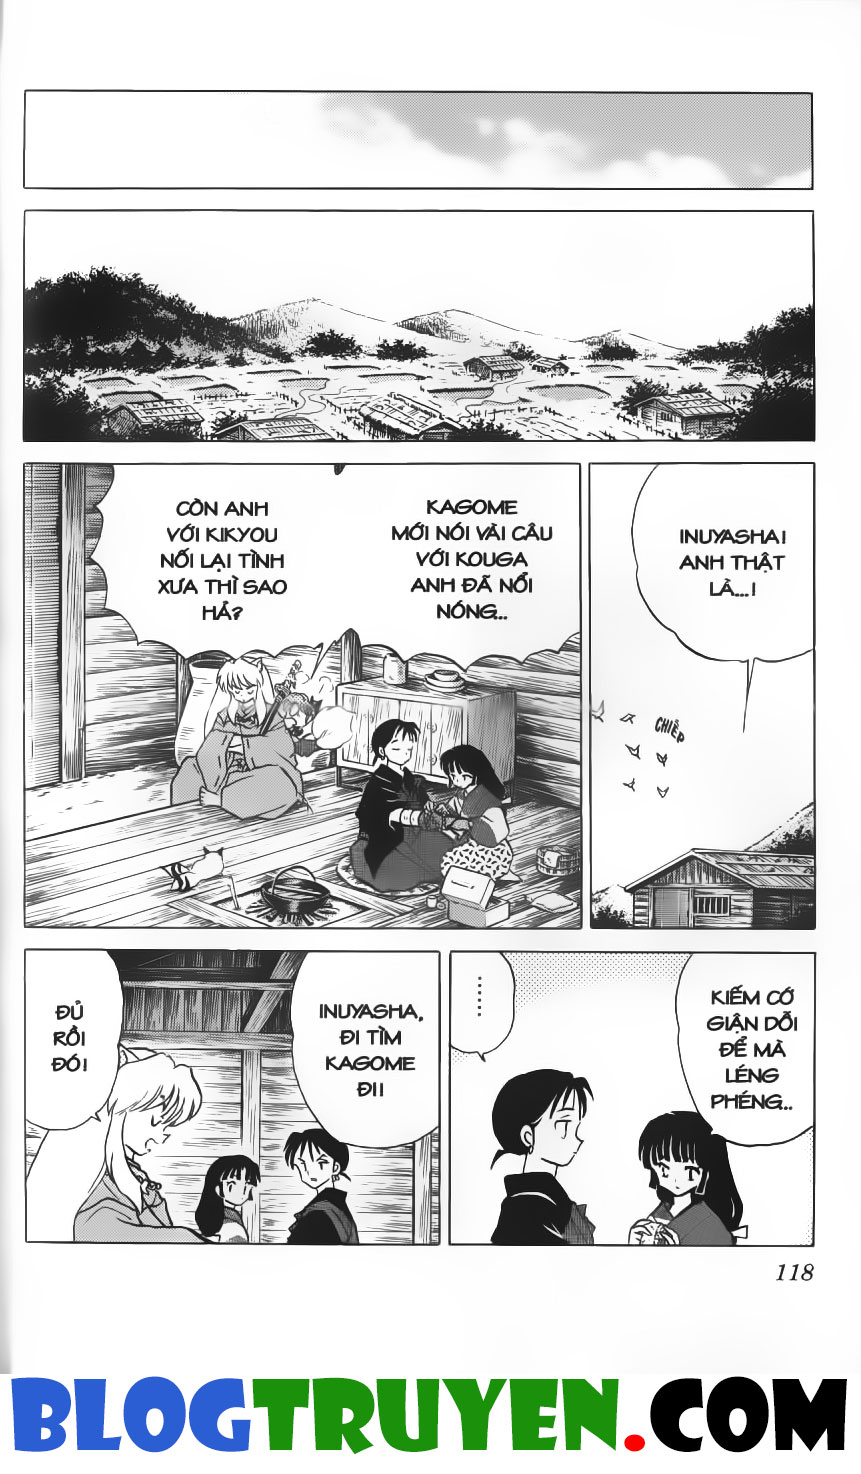 Inuyasha vol 18.7 trang 7